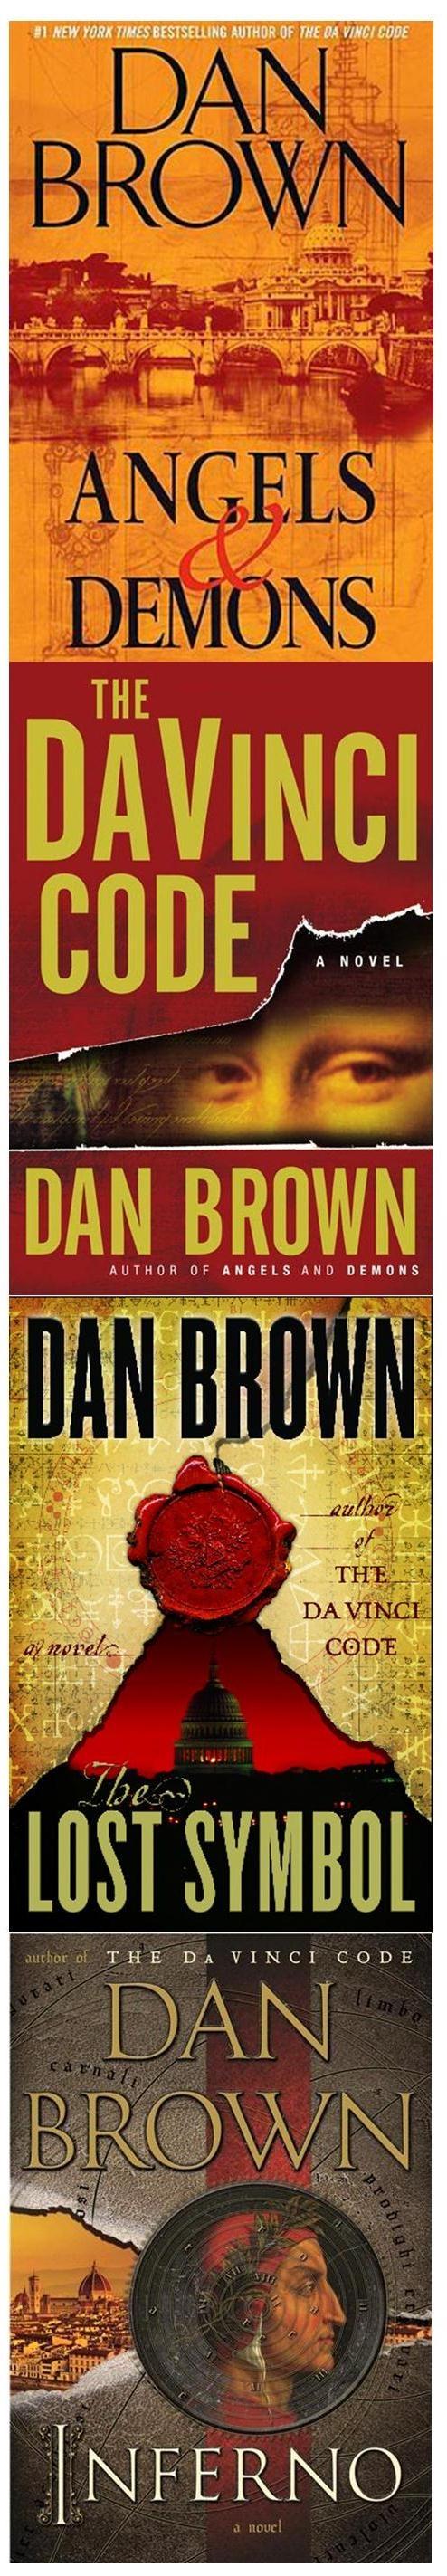 Dan Browns Robert Langdon Series Angels And Demons The DaVinci Code Lost